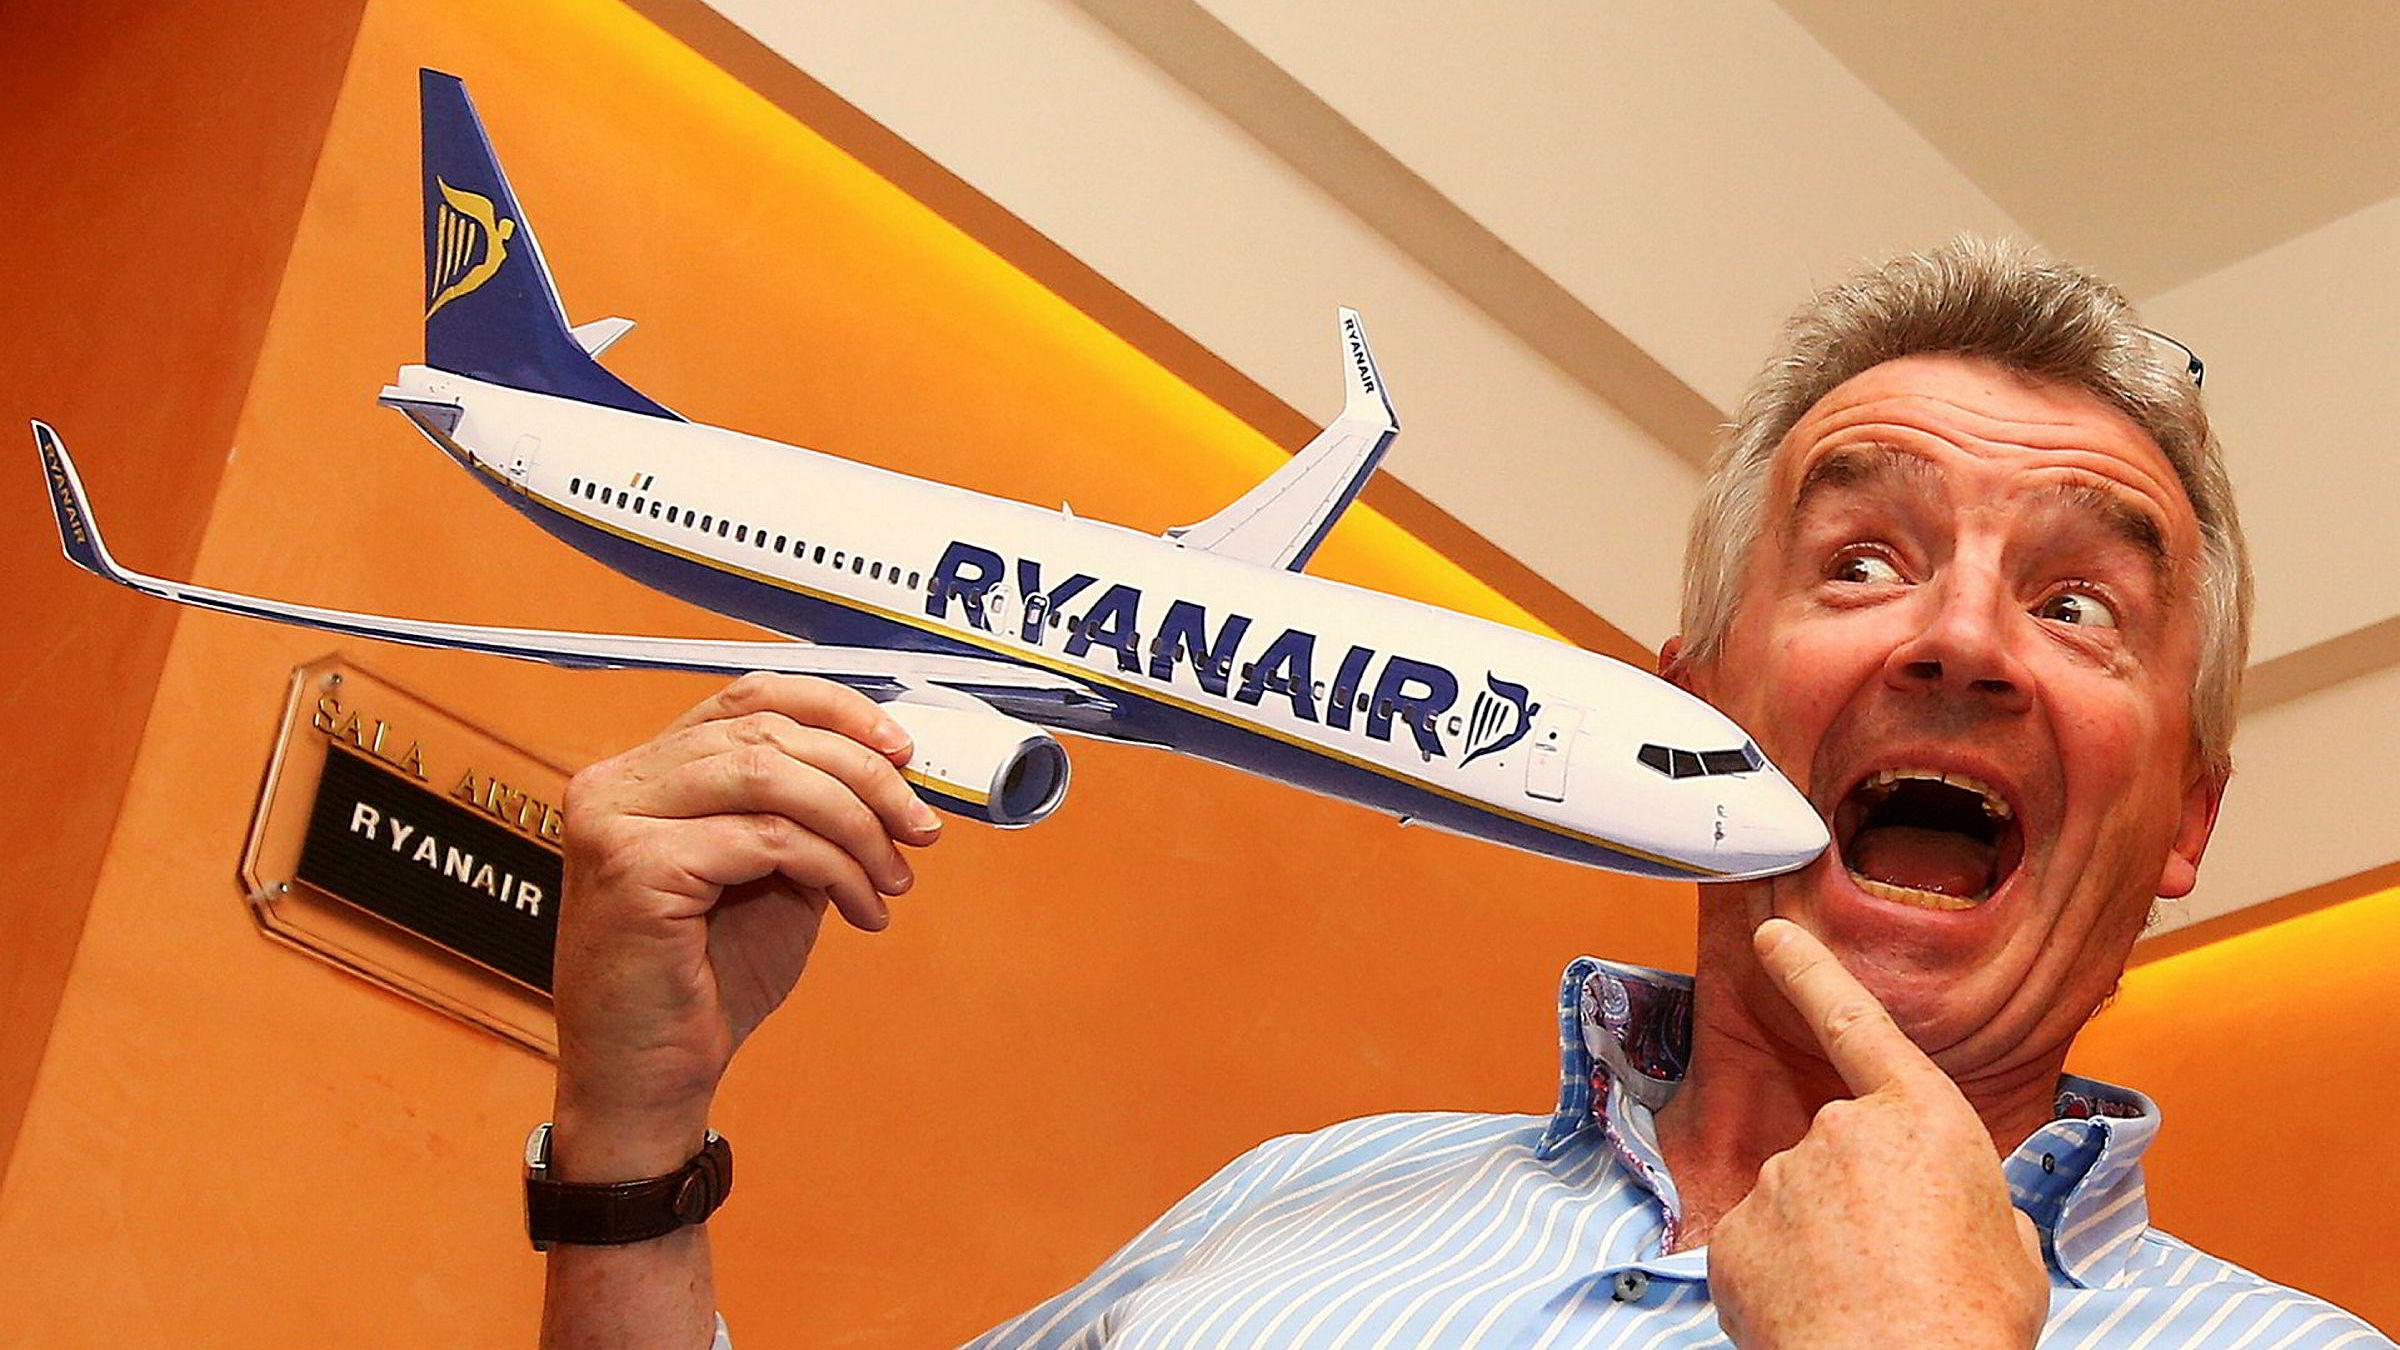 Ryanair-sjef Michael O'Leary har tatt lavprisselskapet Ryanair til nye høyder siden han tok over som administrerende direktør i 1994. Han er Irlands 15. rikeste, ifølge avisen Sunday Independent, med en formue på 1,1 milliarder euro. Nå jakter han en større del av det italienske markedet.